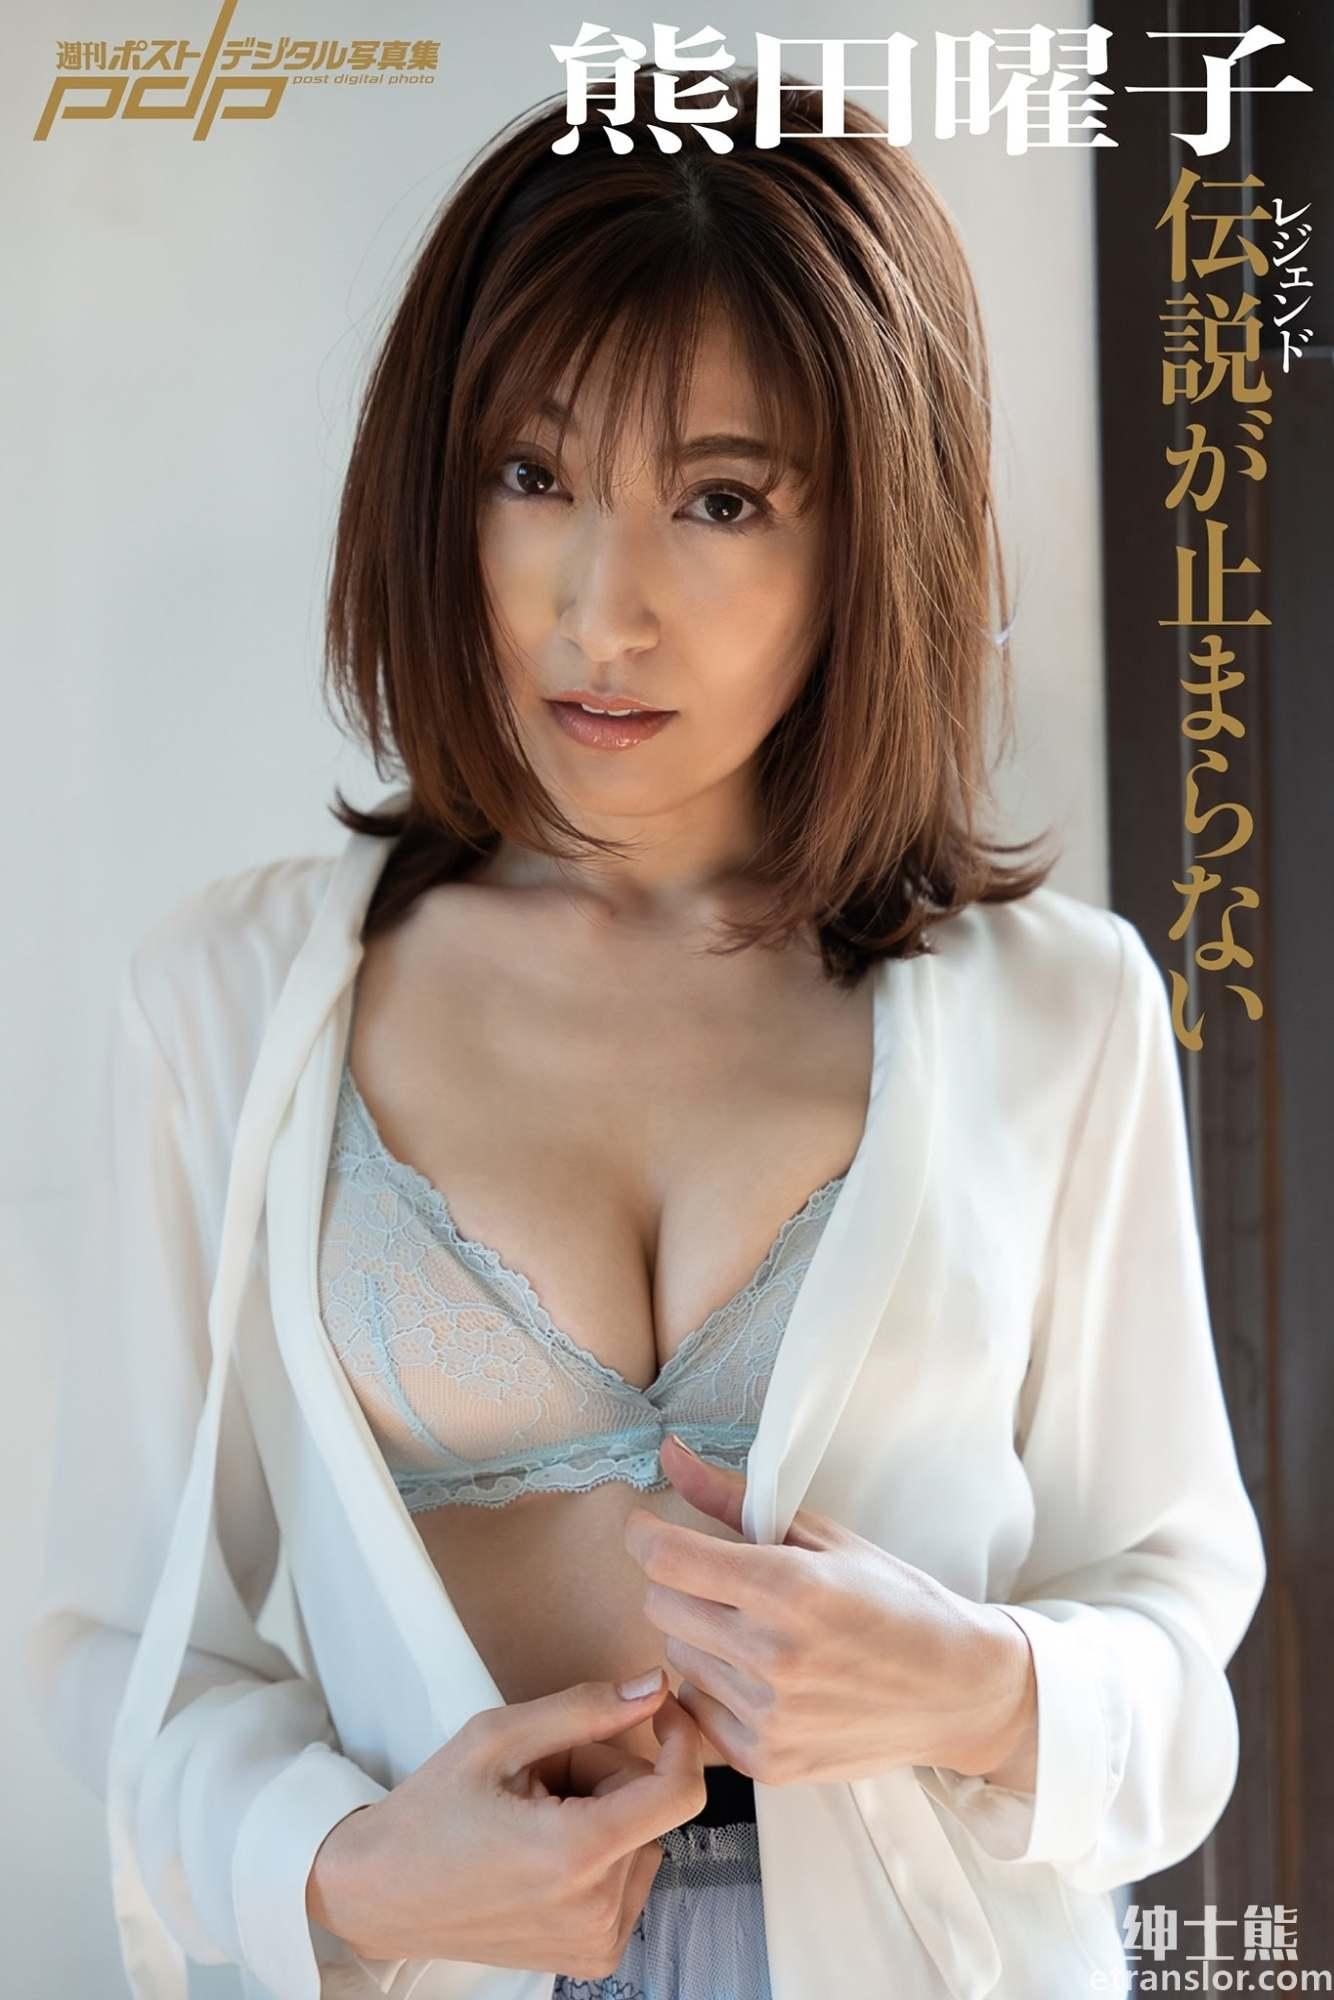 日本写真女星:熊切麻美、塩地美澄、熊田曜子三人组合岁月不改 养眼图片 第10张